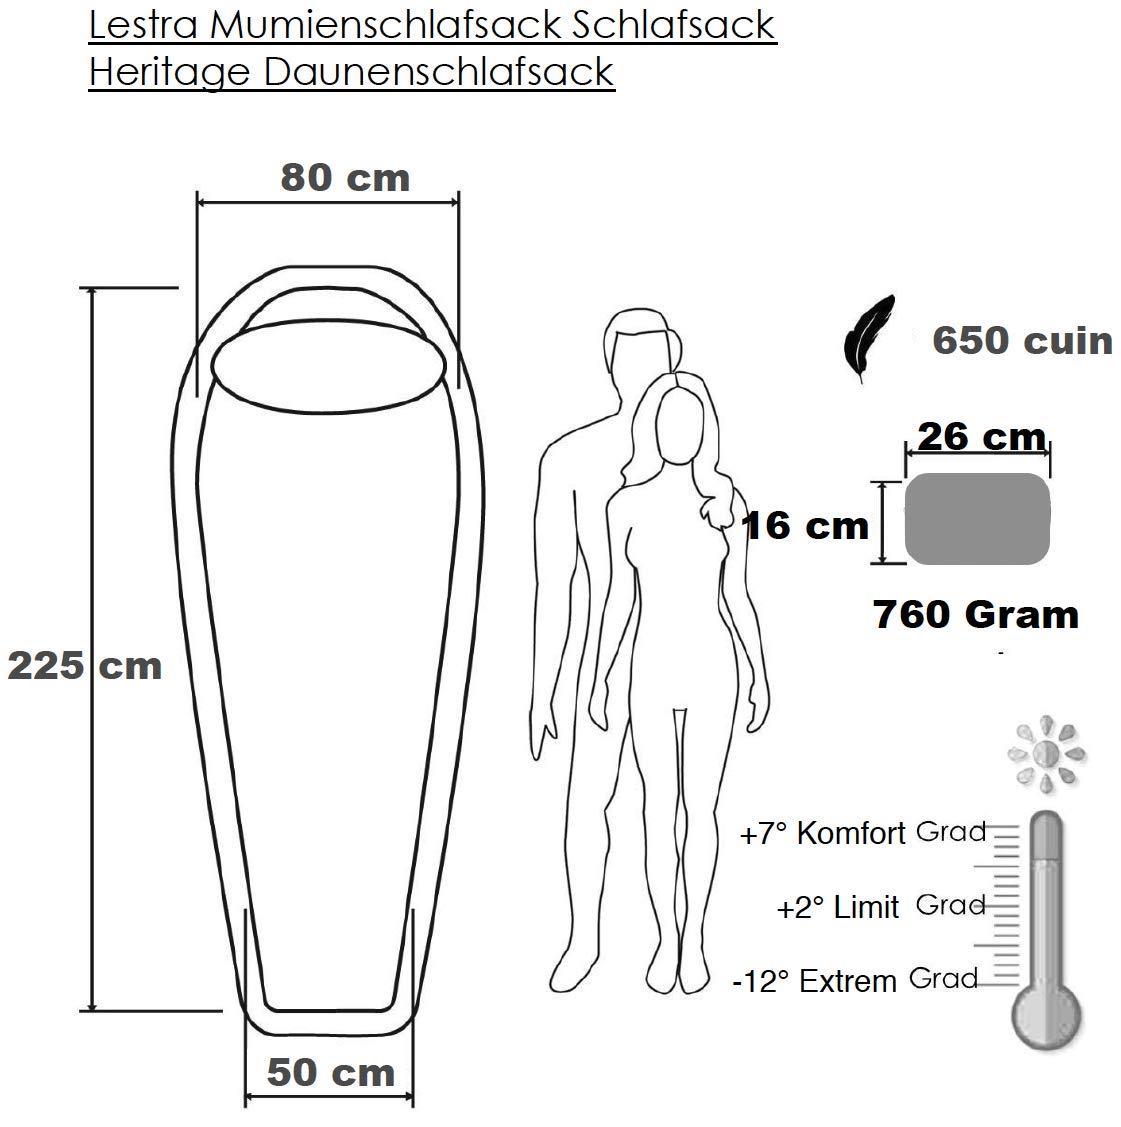 12 Grad Lestra Mumienschlafsack Schlafsack Heritage Daunenschlafsack 760 Gramm bis